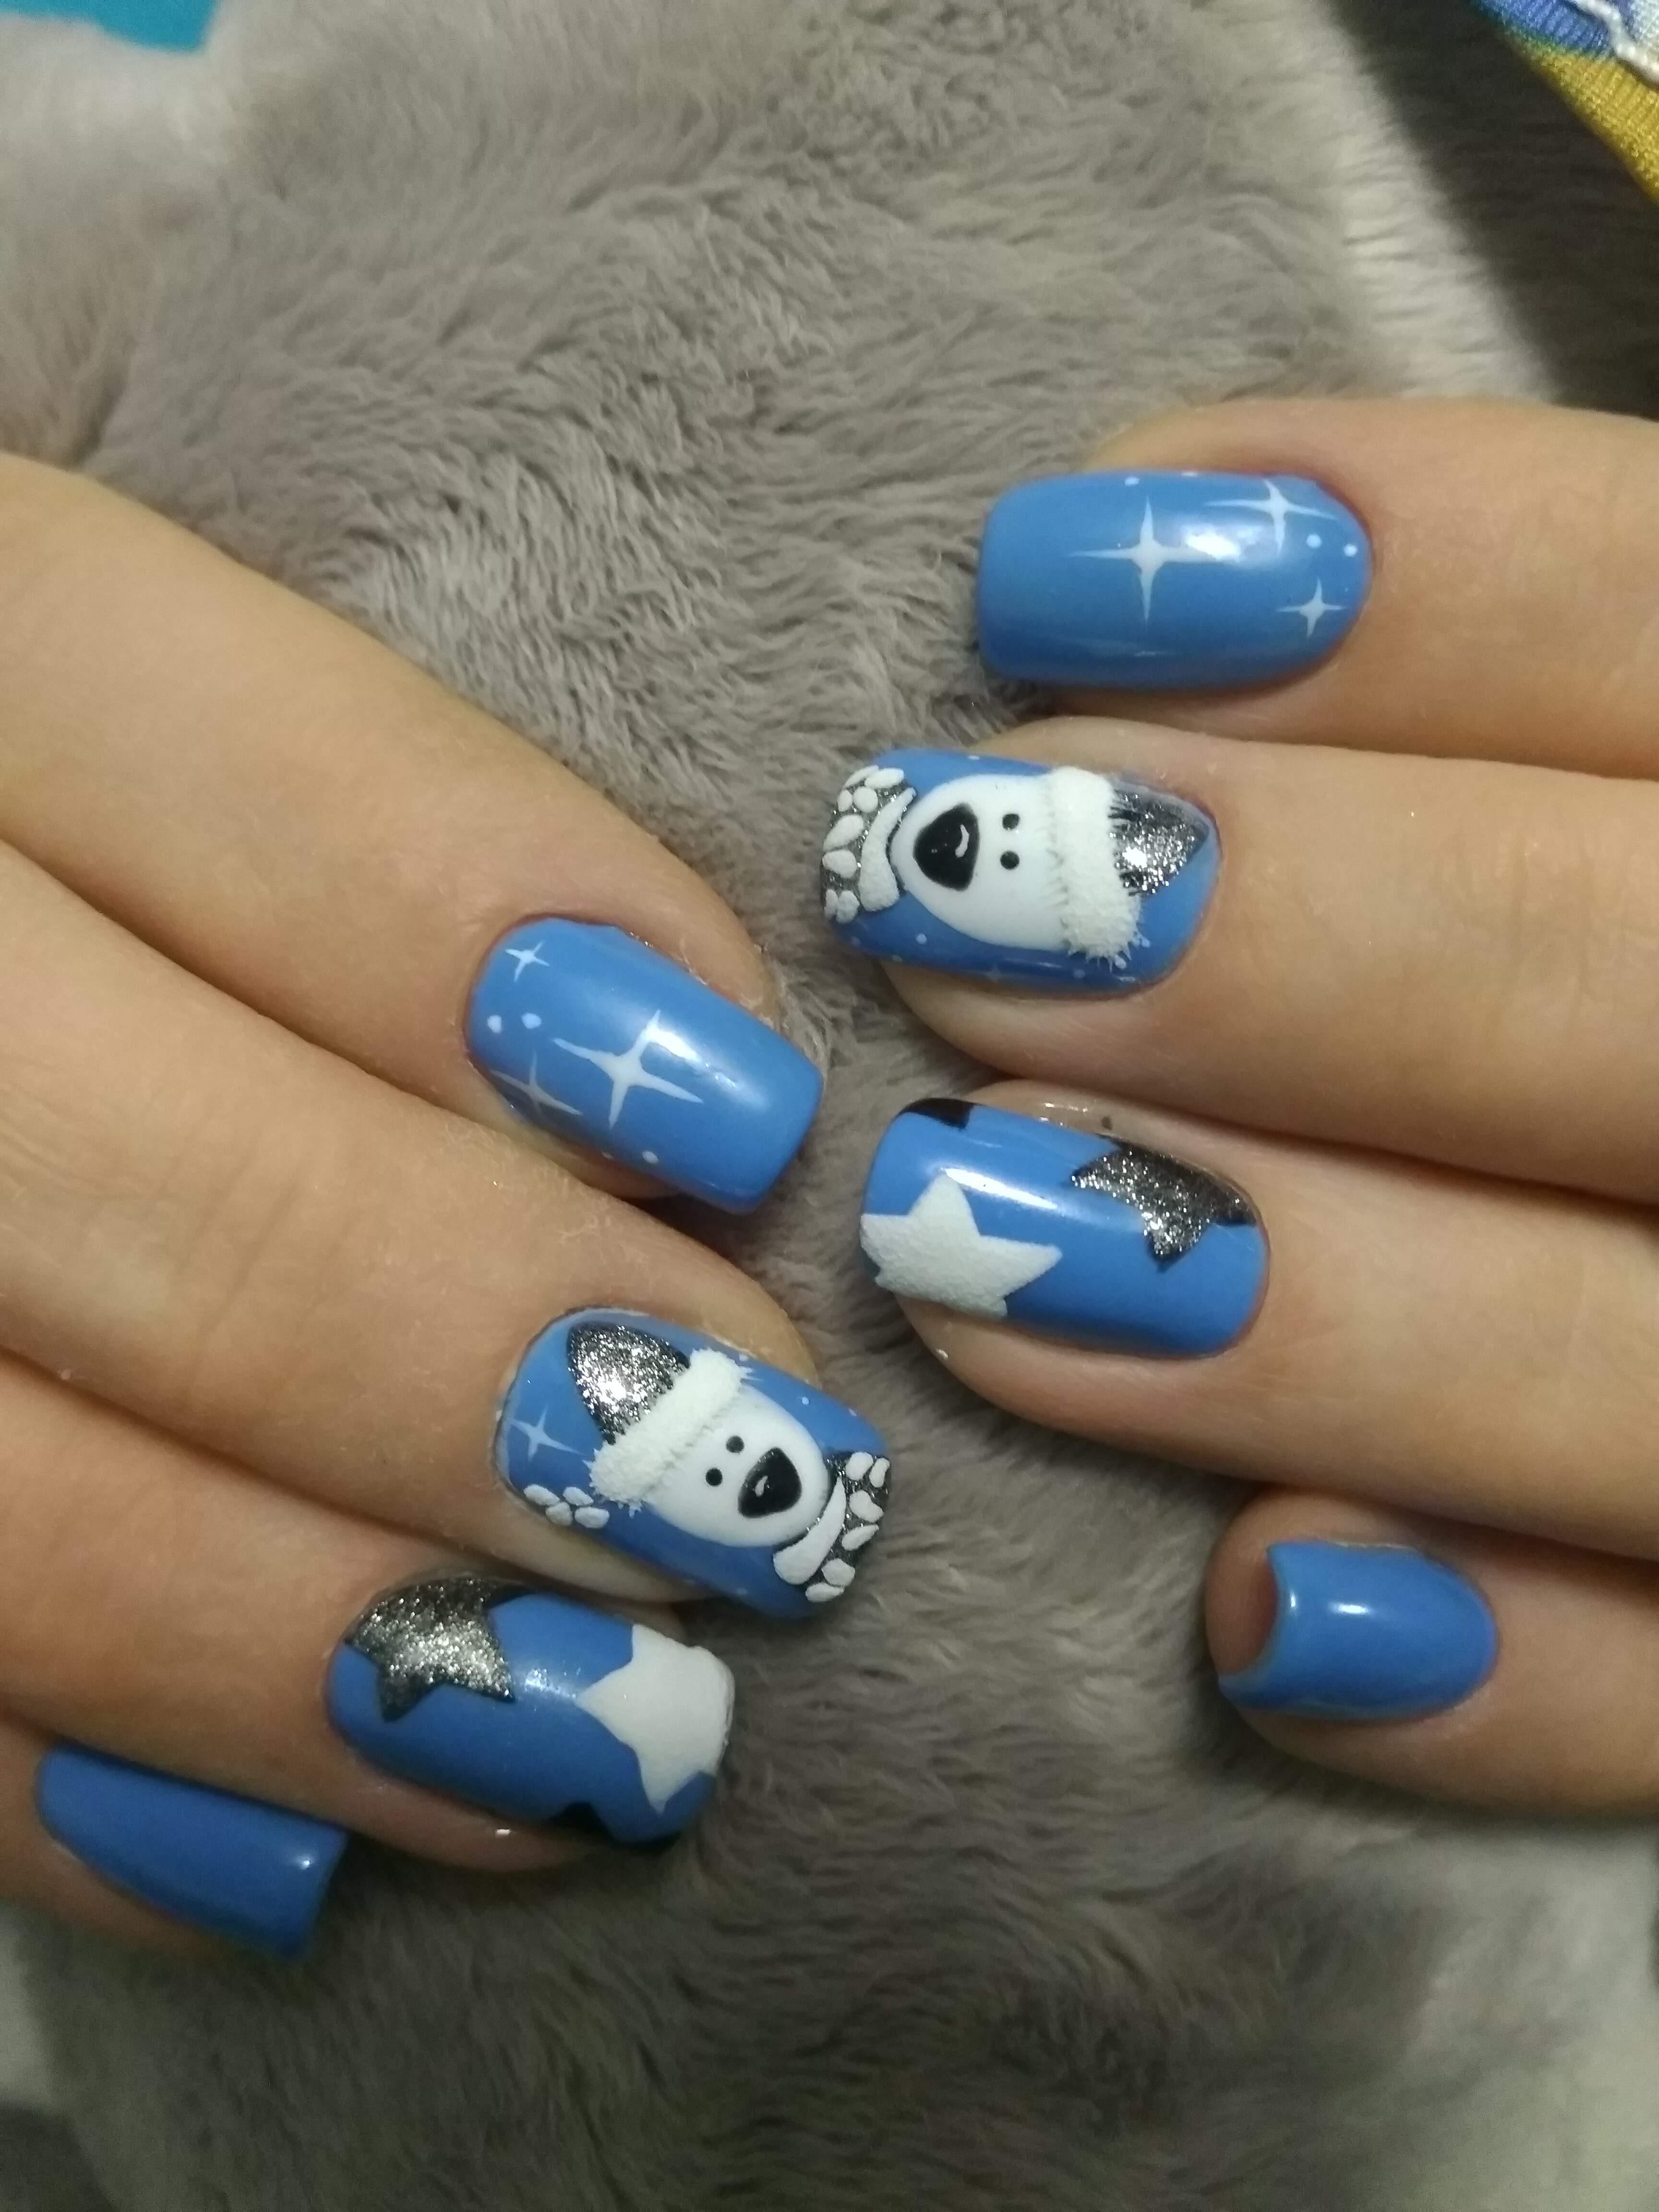 """Зимний маникюр в голубом цвете с мультяшным рисунком """"медвежонок"""", """" звёздочка"""" и серебряными блёстками."""